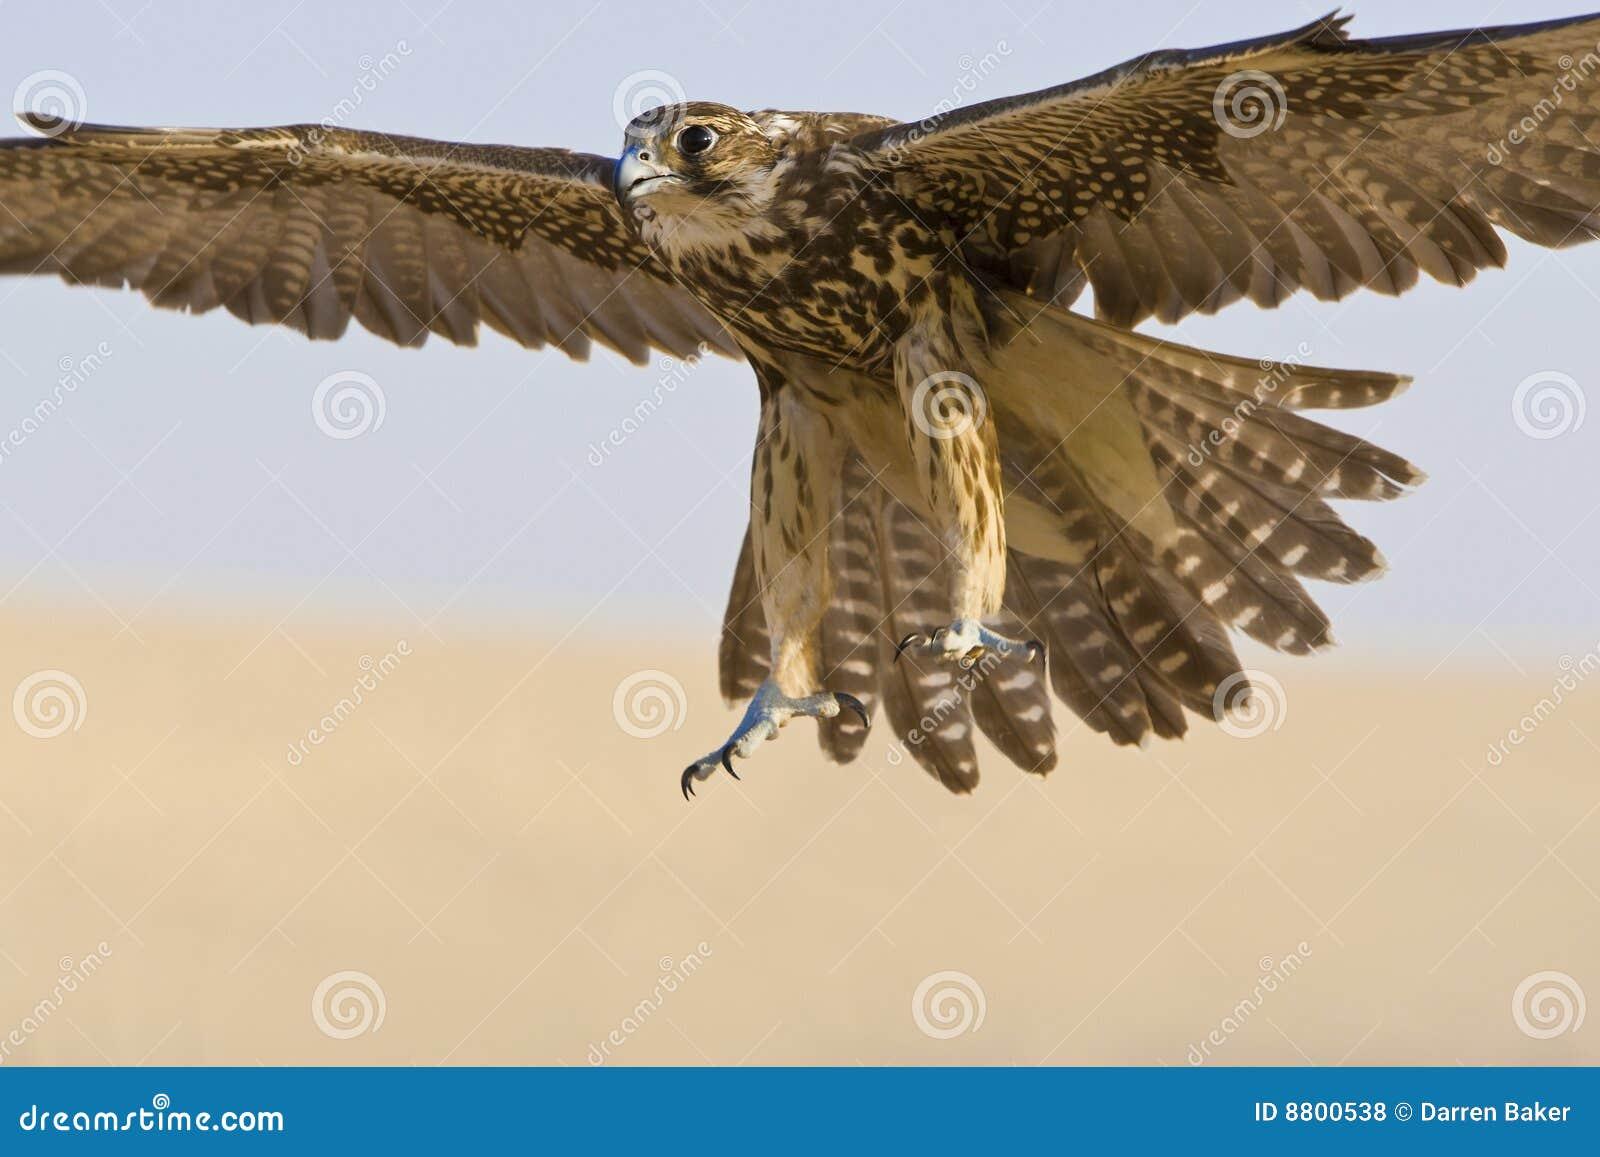 Halcón en vuelo